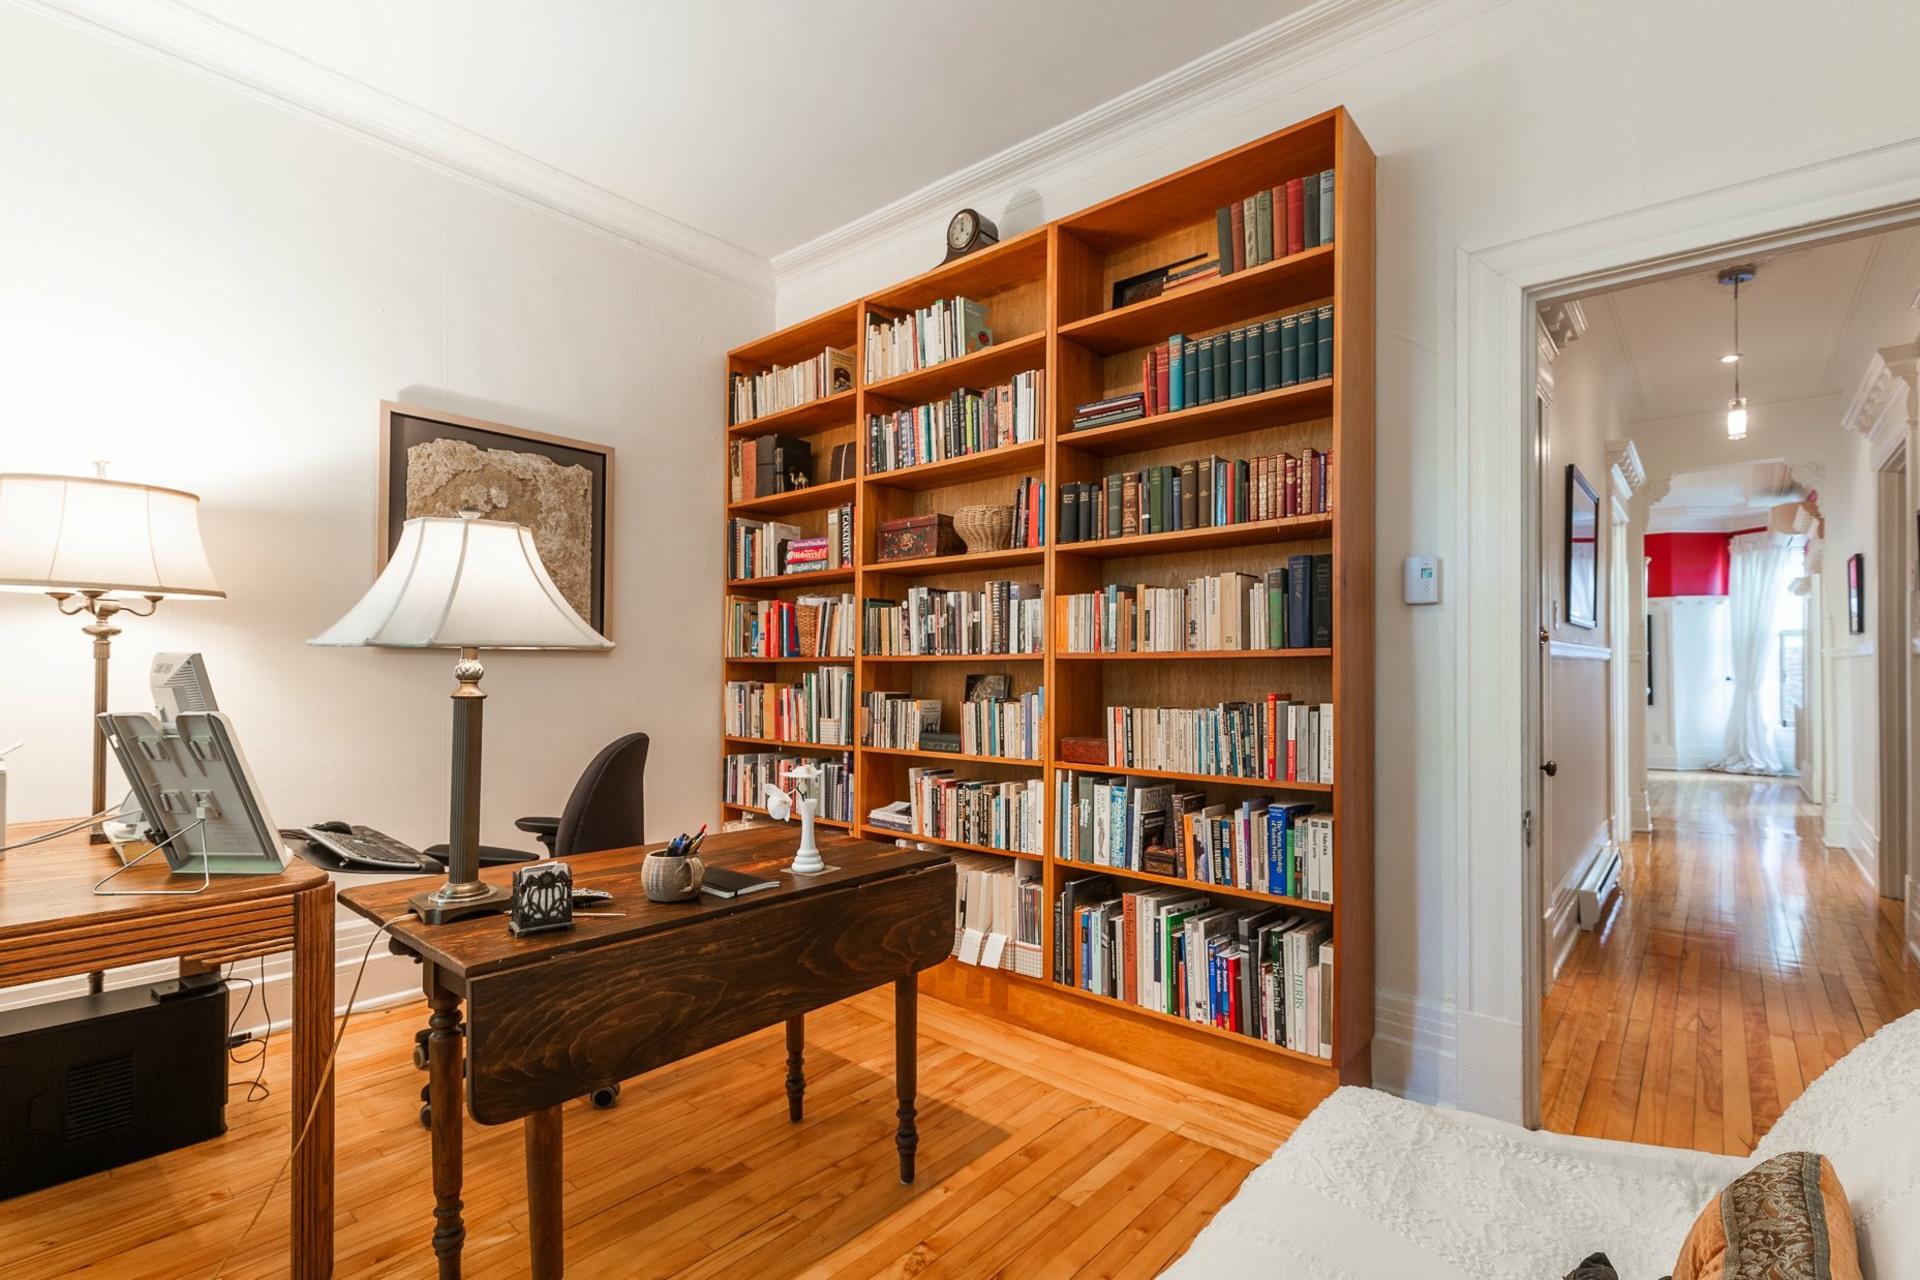 image 5 - Apartment For sale Le Plateau-Mont-Royal Montréal  - 8 rooms